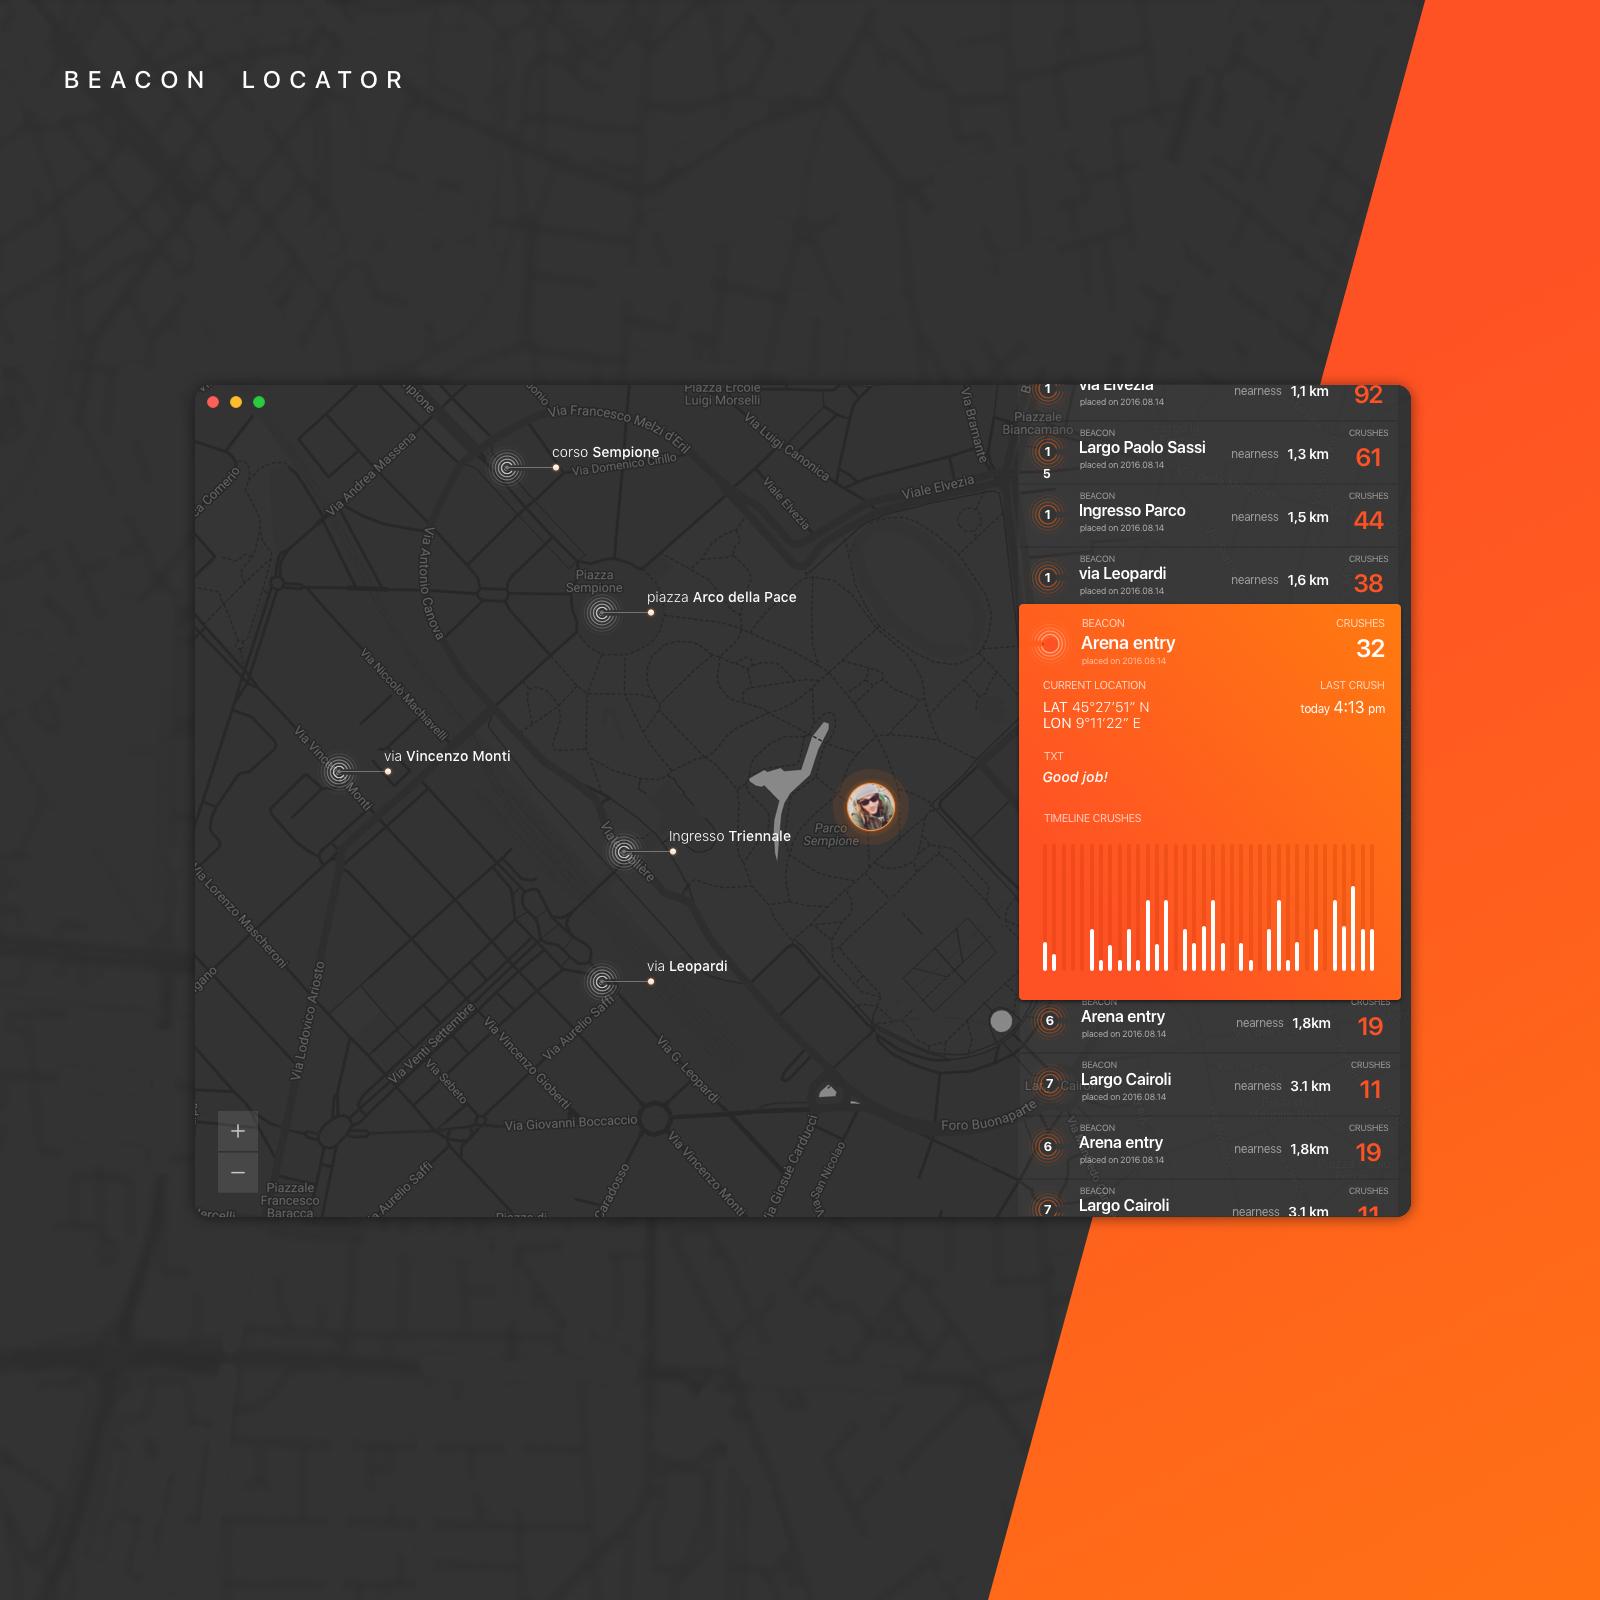 Beacon Locator